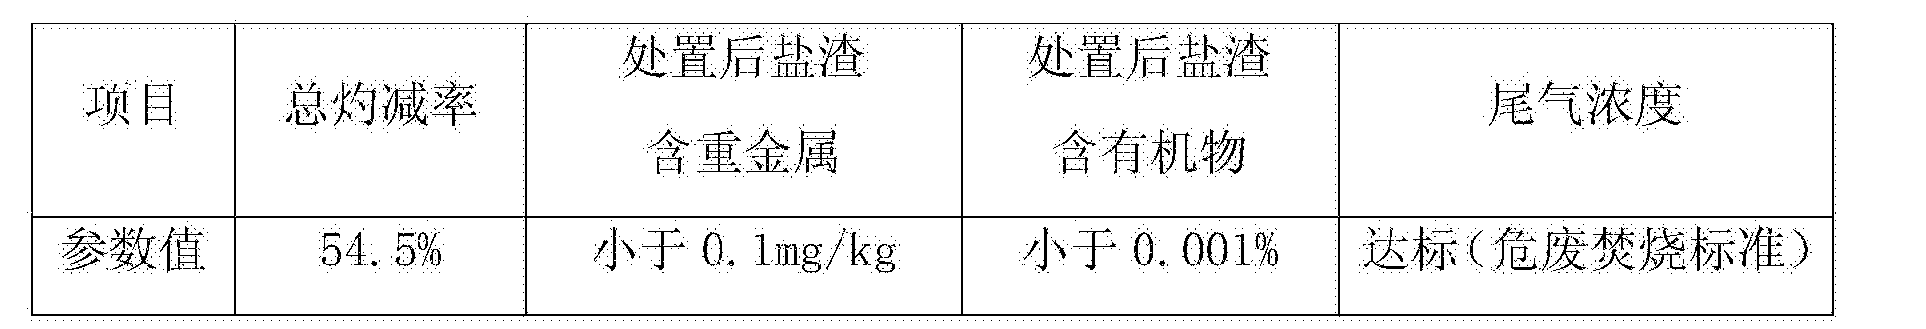 Figure CN104344407BD00061